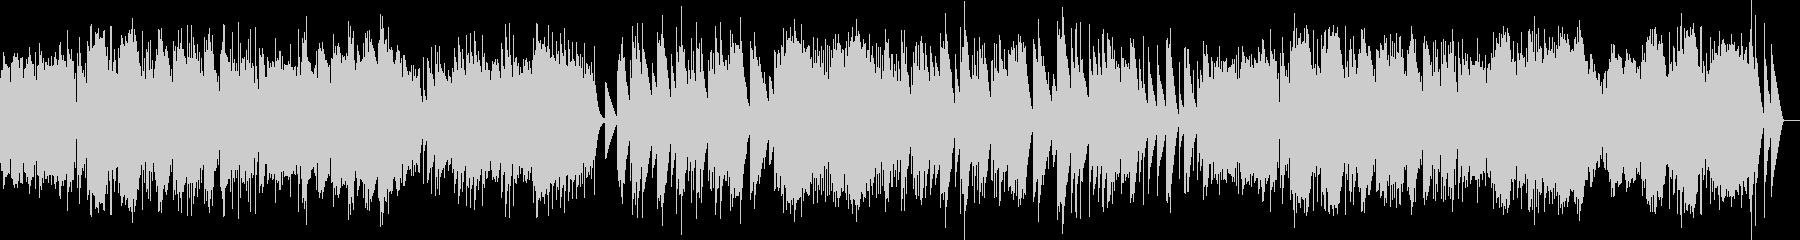 2つのアラベスク 第1番 (オルゴール)の未再生の波形